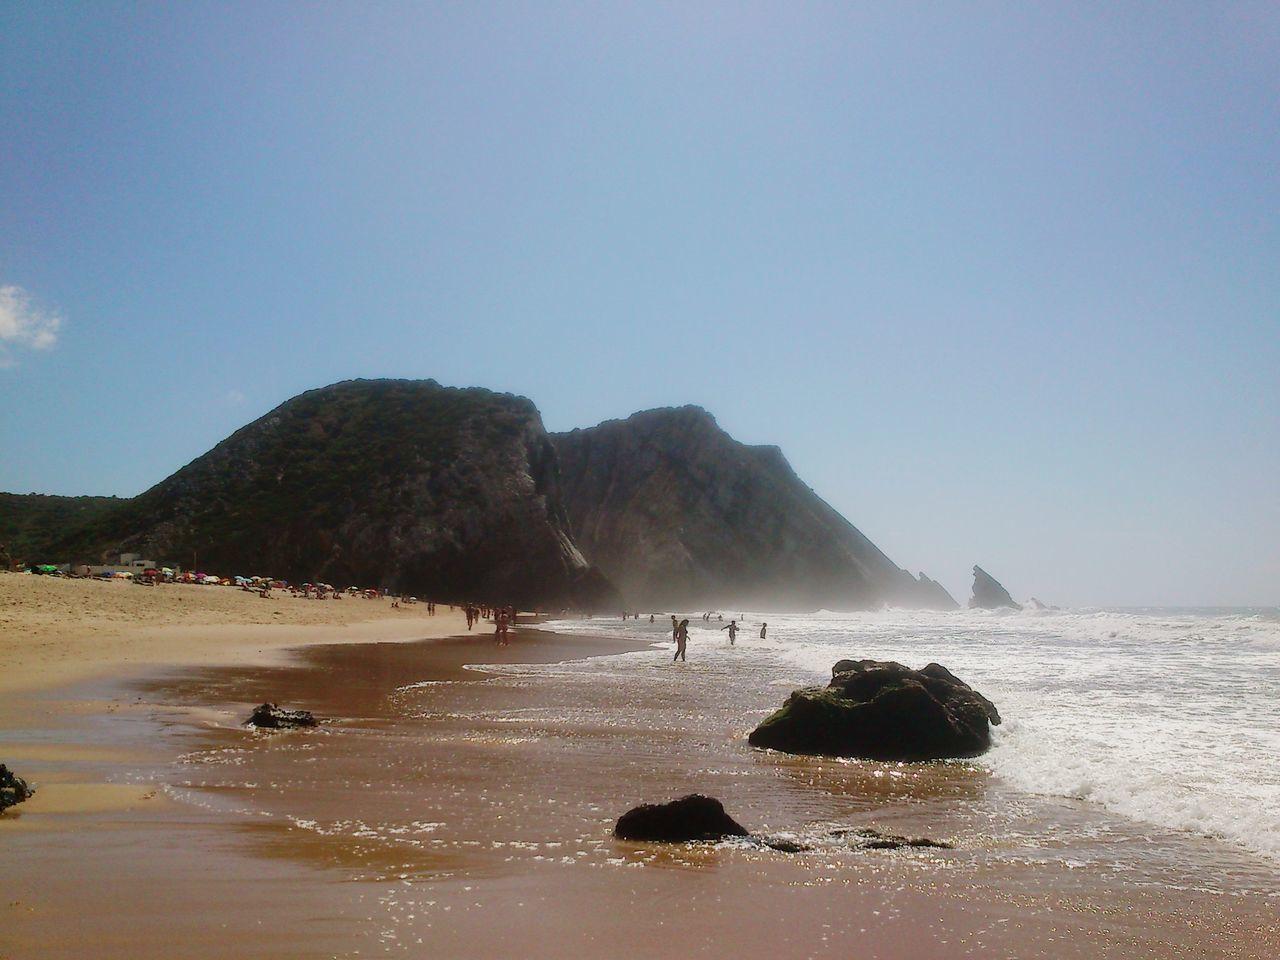 Praiadaadraga Adraga Praia Da Adraga Sintra Adraga Beach Beach Praia Landscape Coastlandscape Coastline